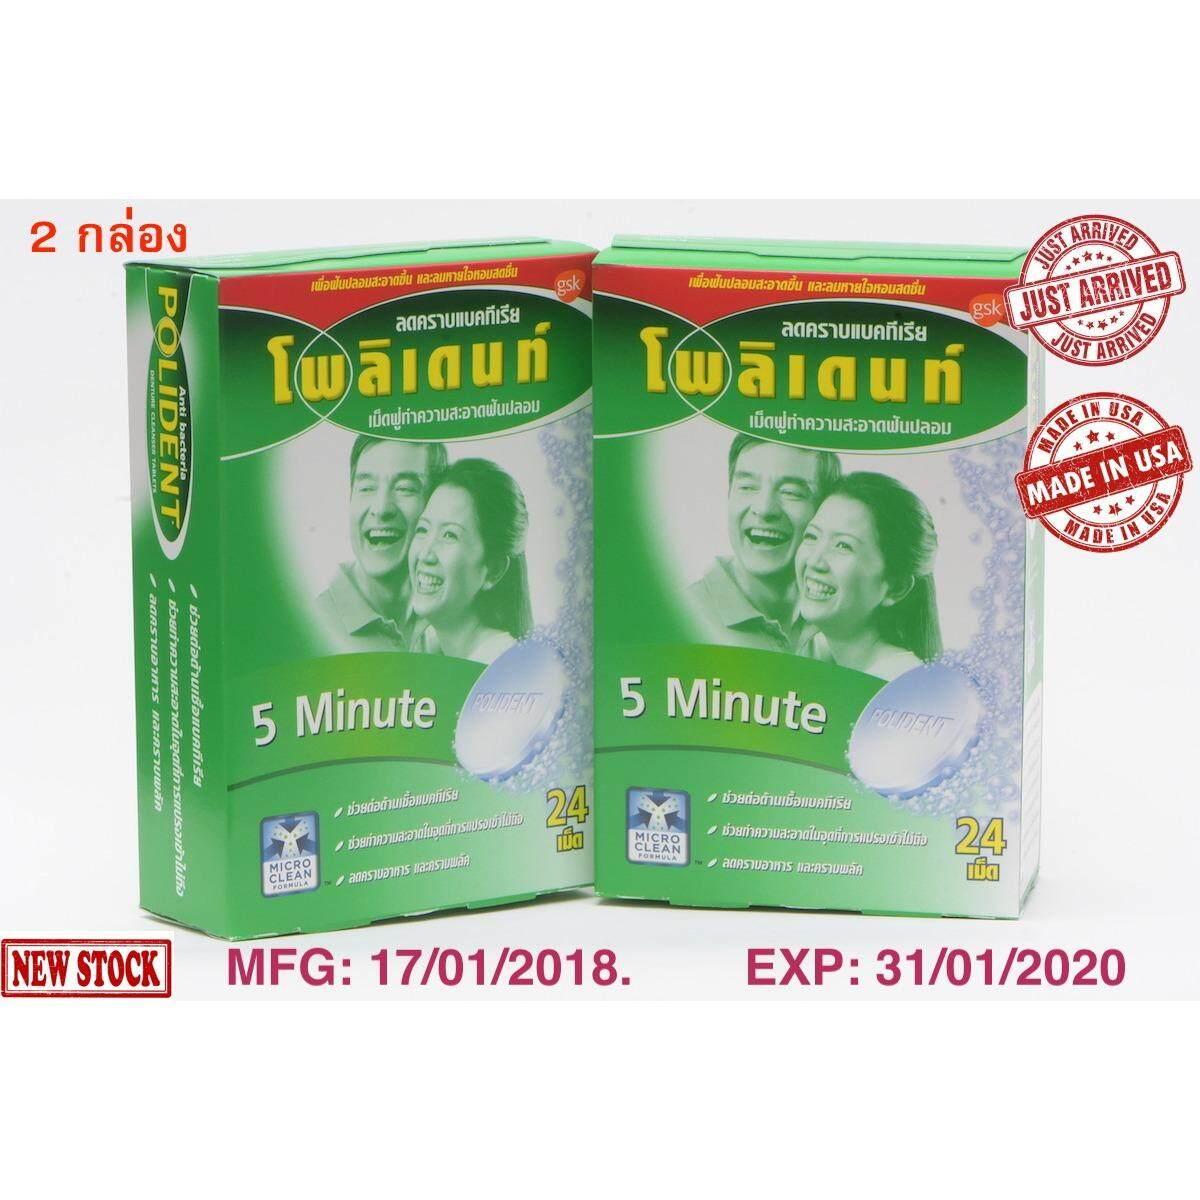 ราคา Polident โพลิเดนท์ เม็ดฟู่ทำความสะอาดฟันปลอม 2 กล่อง Polident ออนไลน์